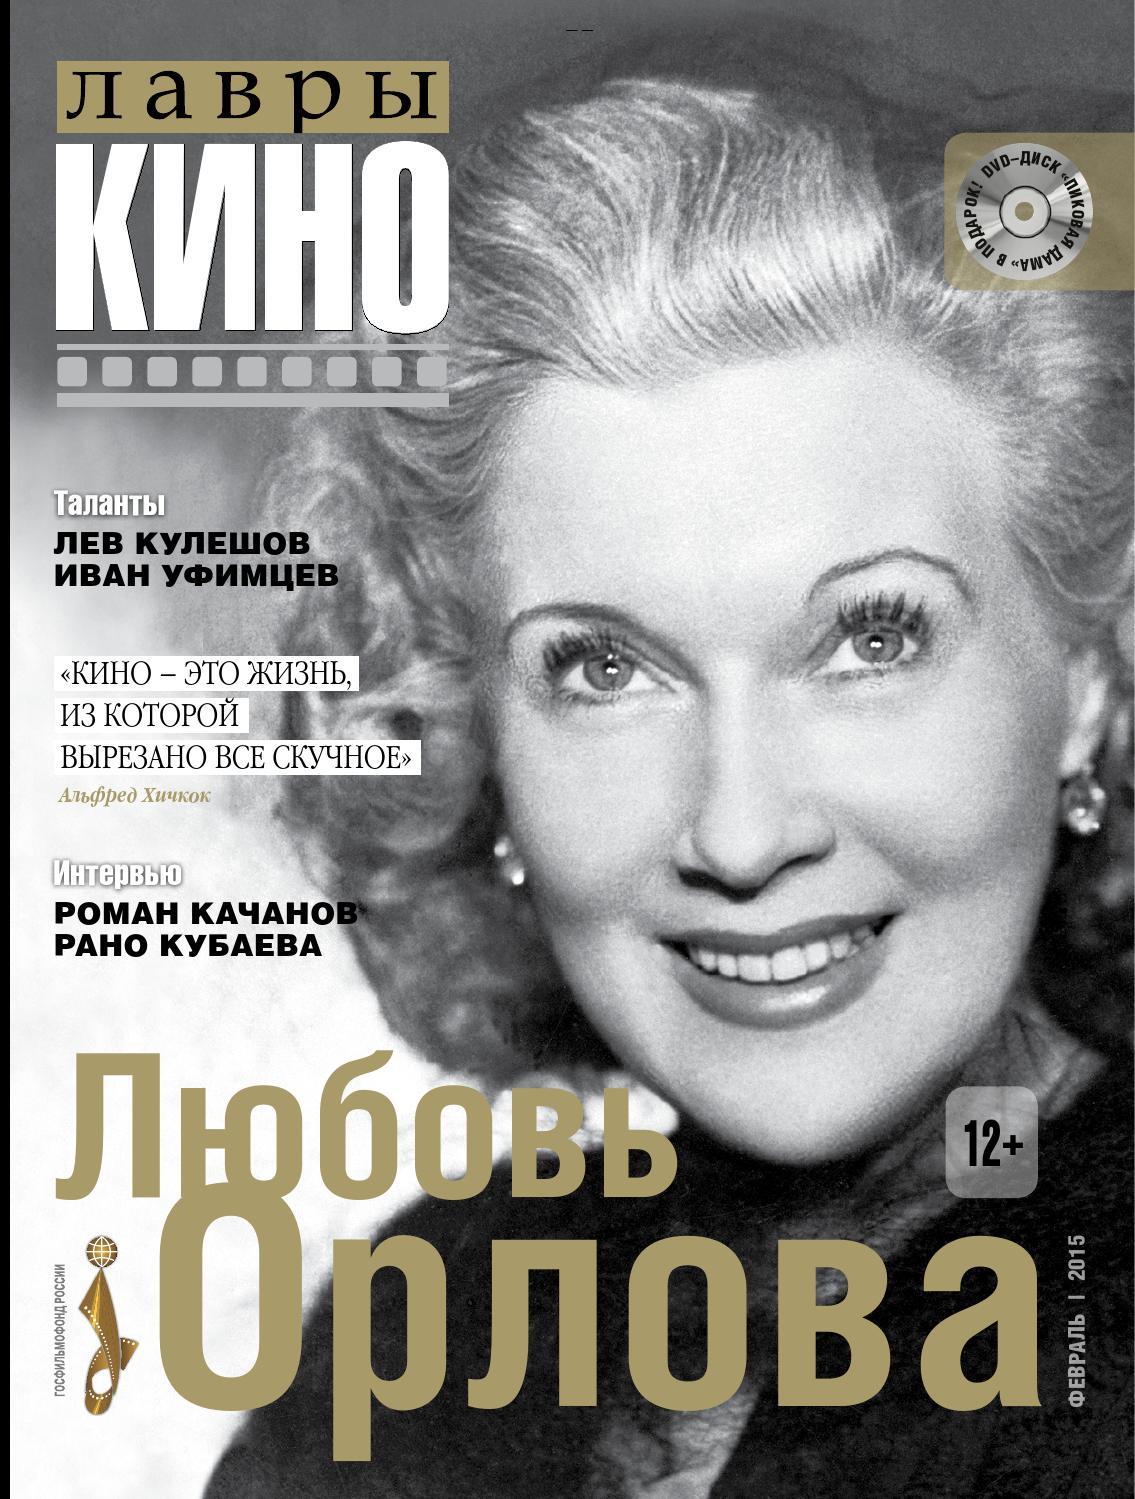 vo-dvore-menya-seychas-zovut-katka-shlyuha-u-devushek-pod-yubkoy-gryaznie-trusi